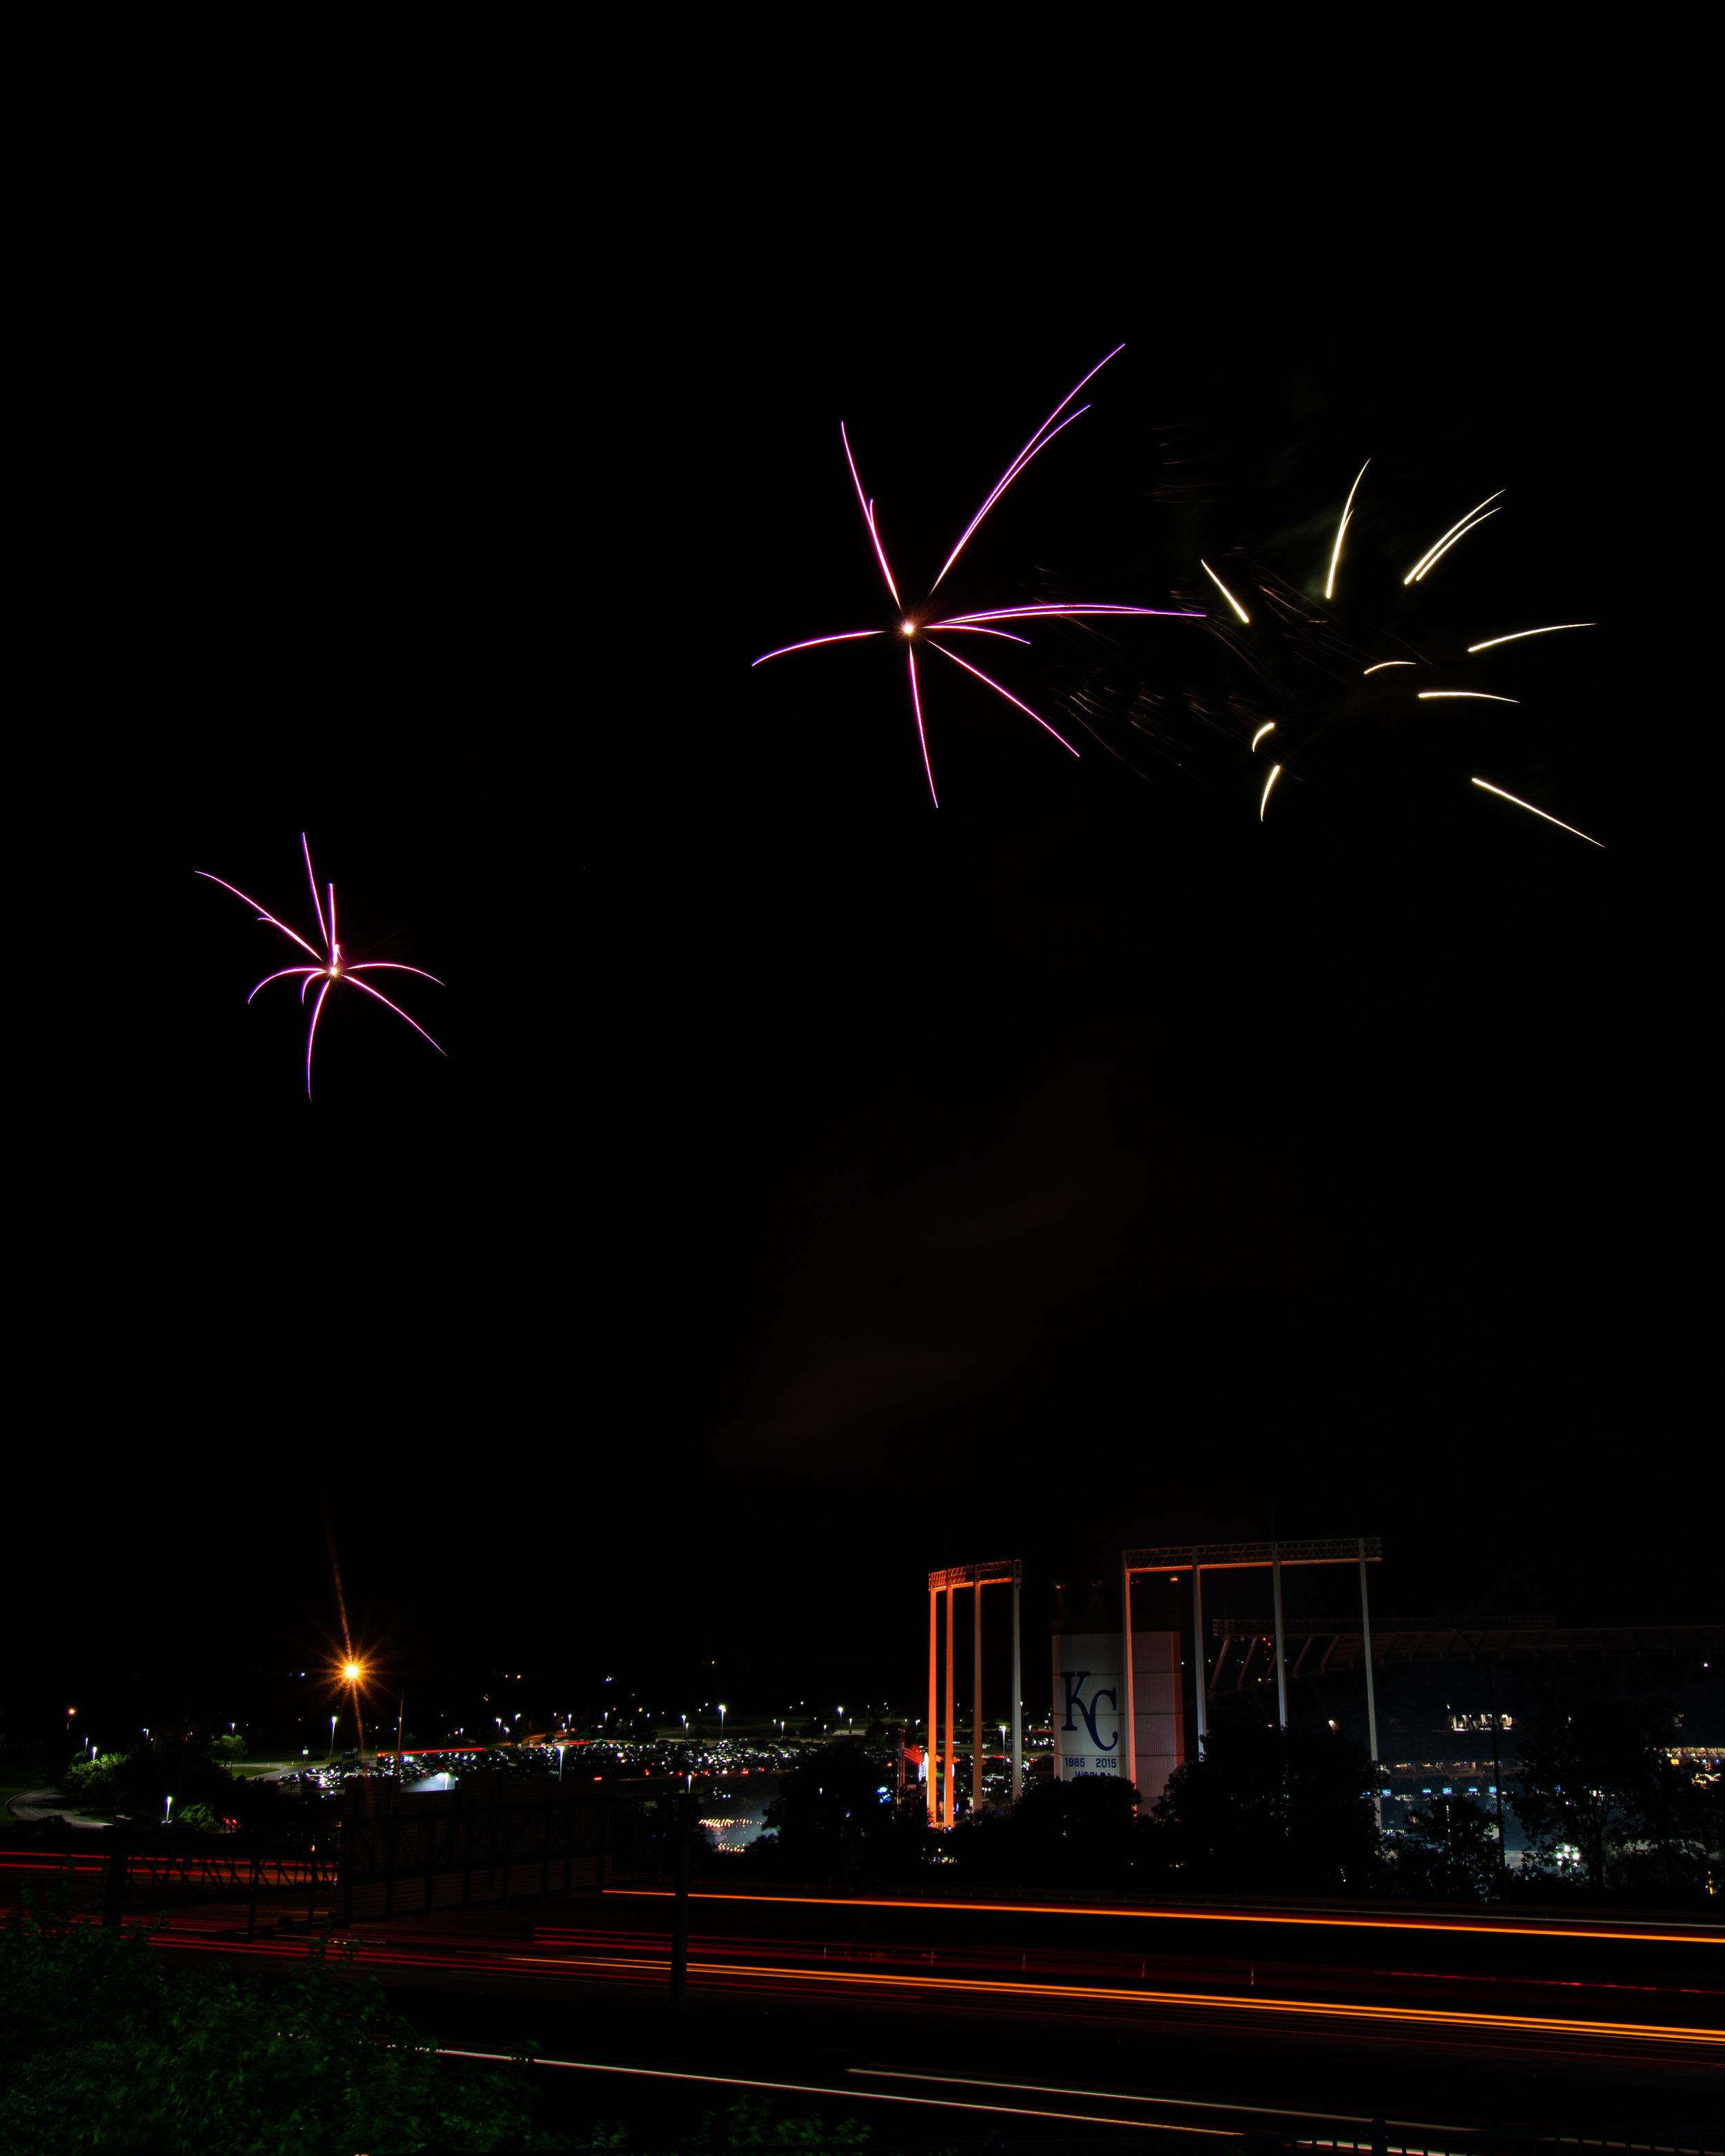 firework-friday-25-of-51_48108322443_o.jpg